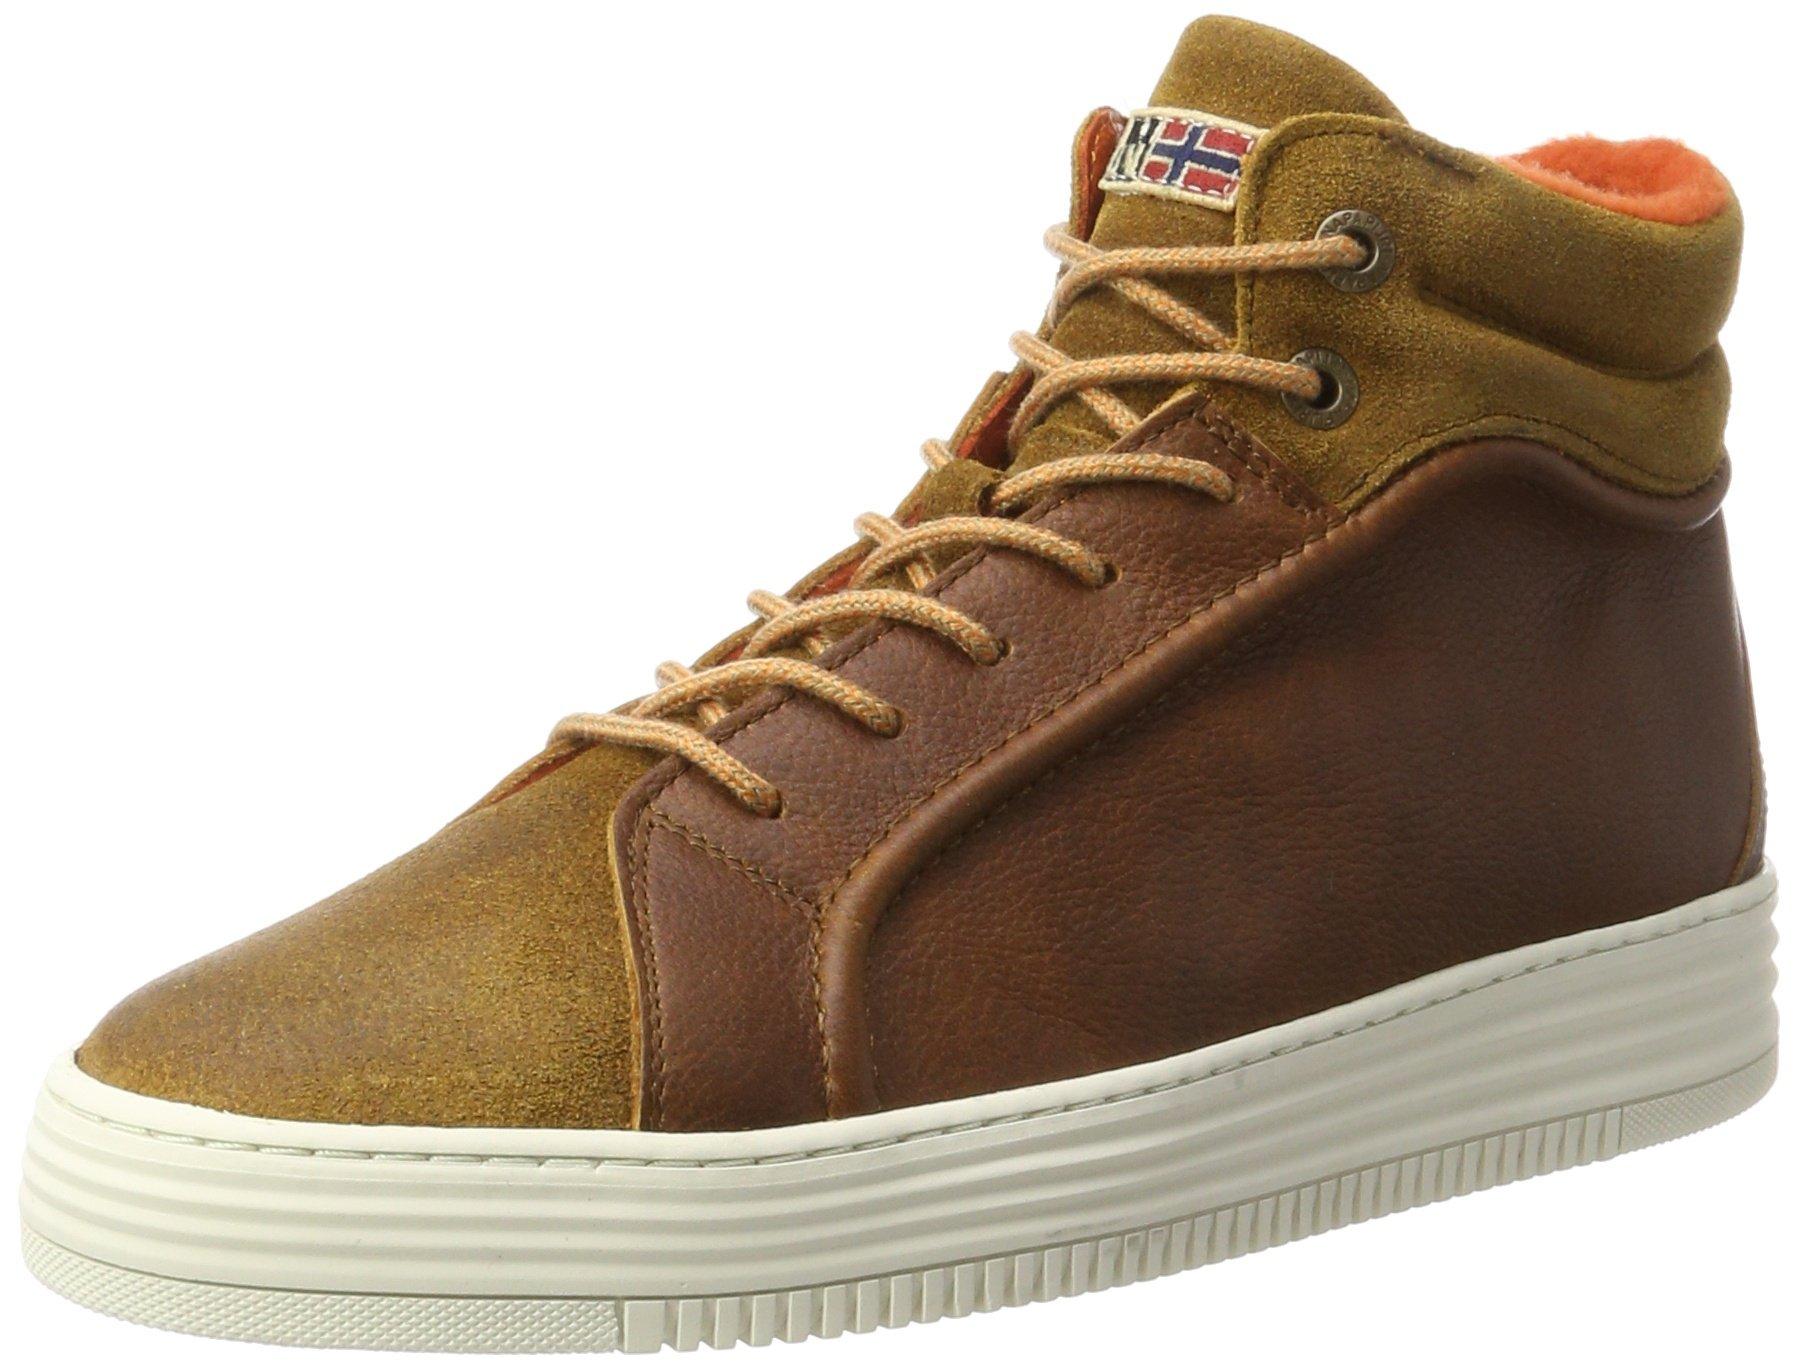 HommeMarroncognac Napapijri Footwear N4542 Hautes GuruBaskets Eu zVqSMGUp